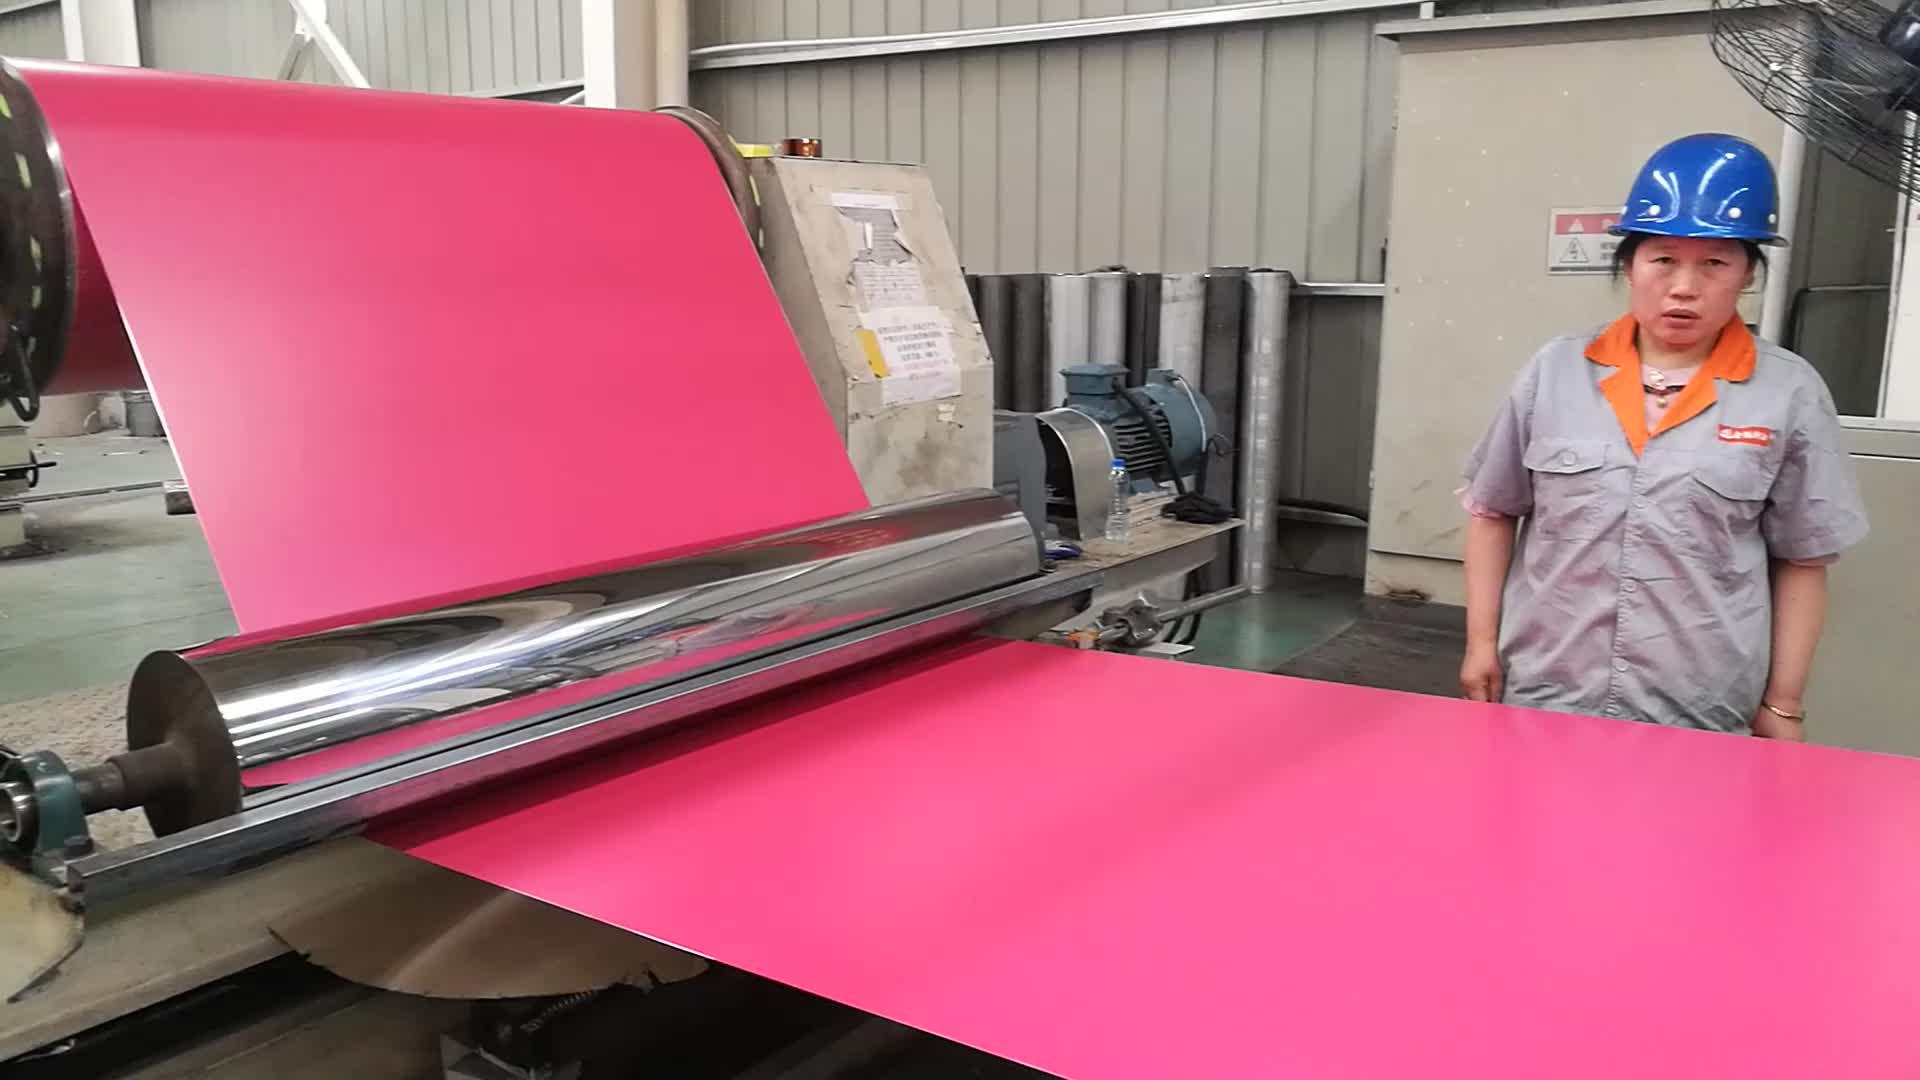 jinhu marque couleur enduit papier d 39 aluminium industriel bobine rouleau prix pour goutti re. Black Bedroom Furniture Sets. Home Design Ideas